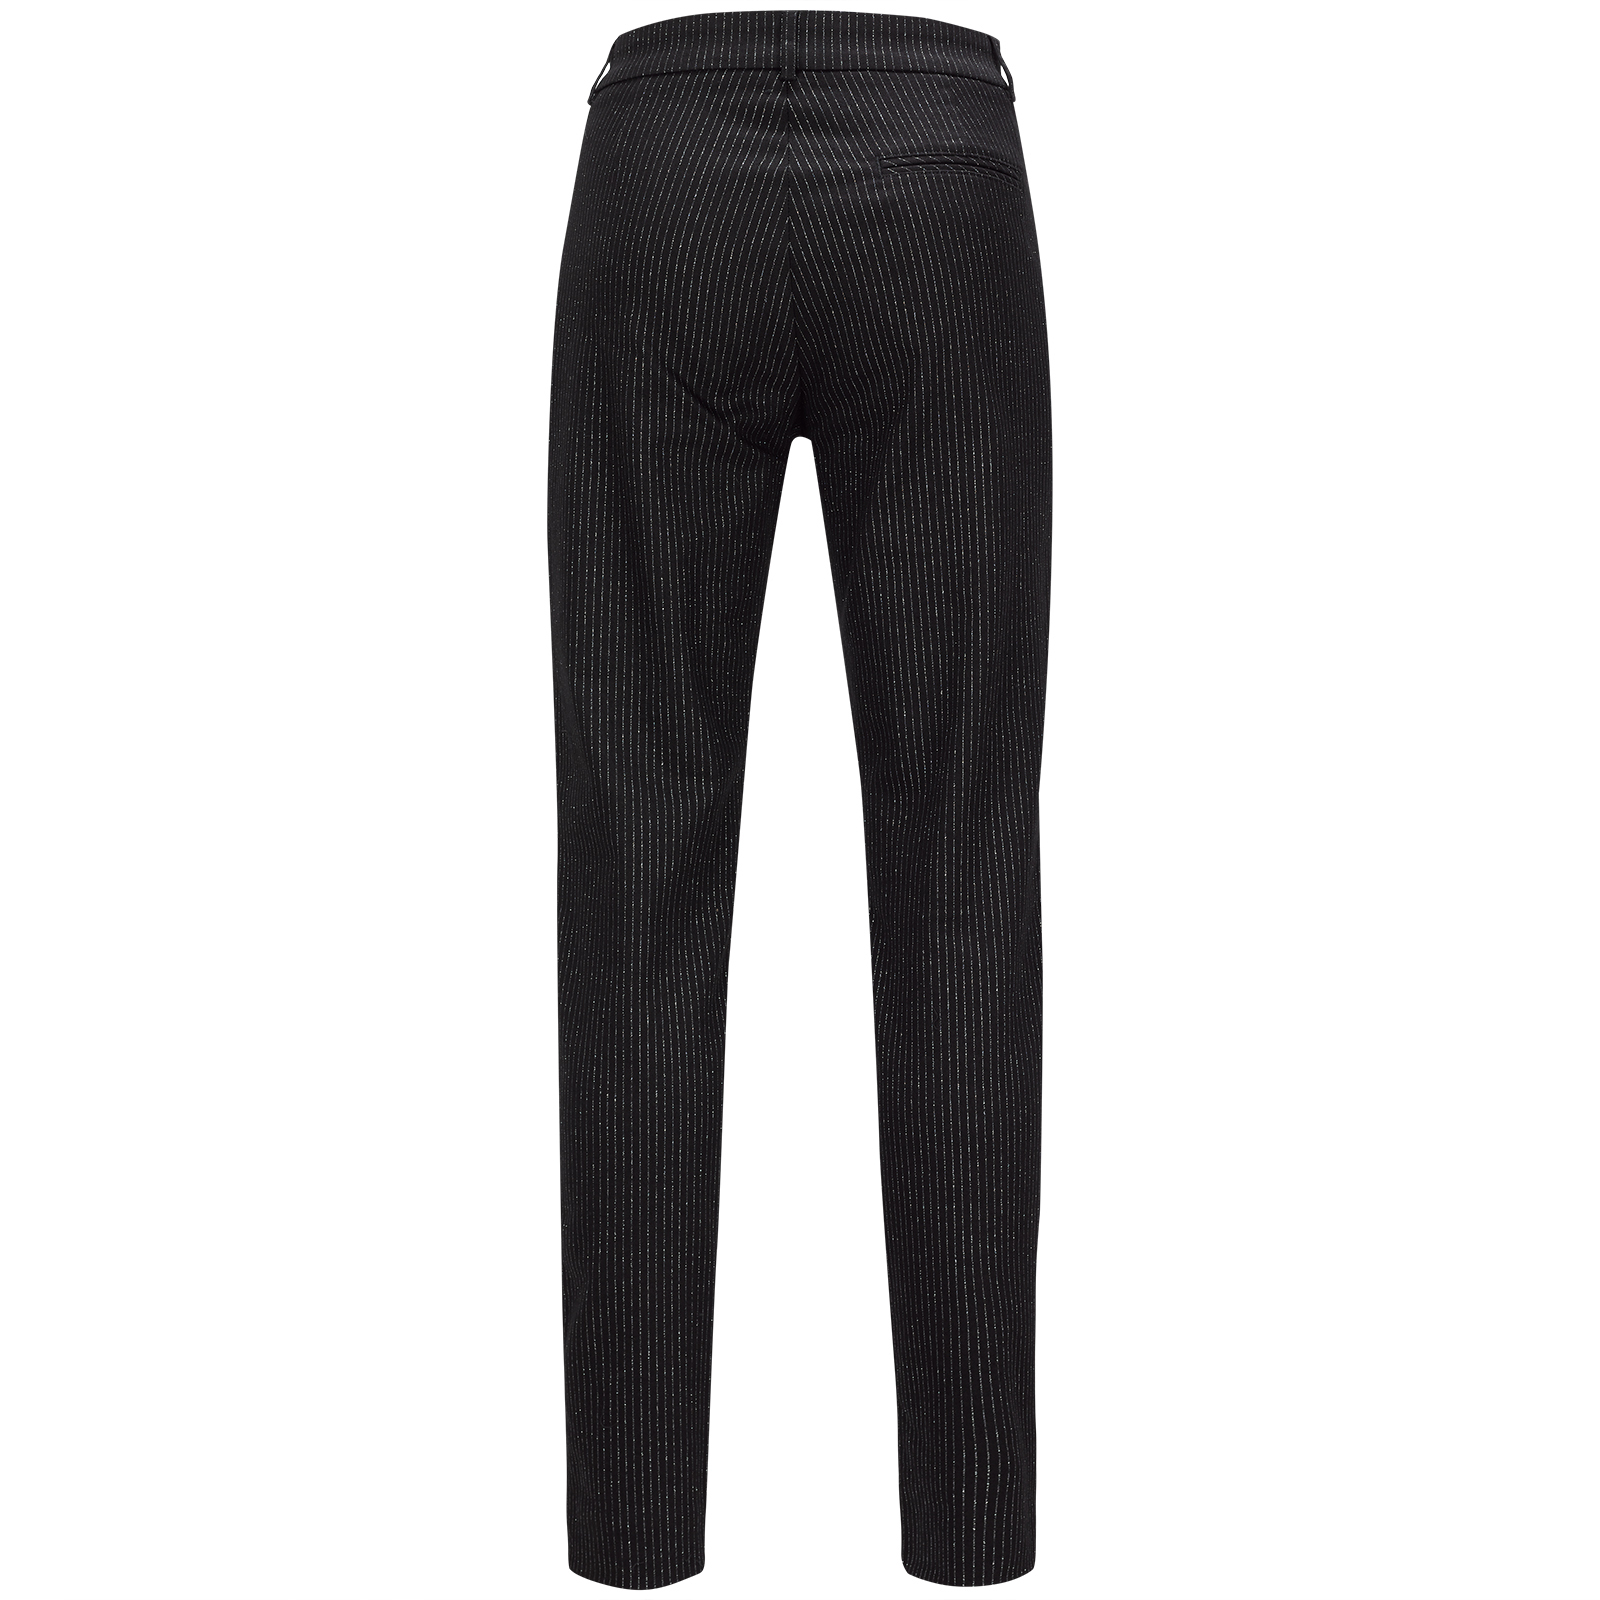 Damen 7/8 Slim-Fit Stretch-Golfhose mit glänzendem Streifen-Design